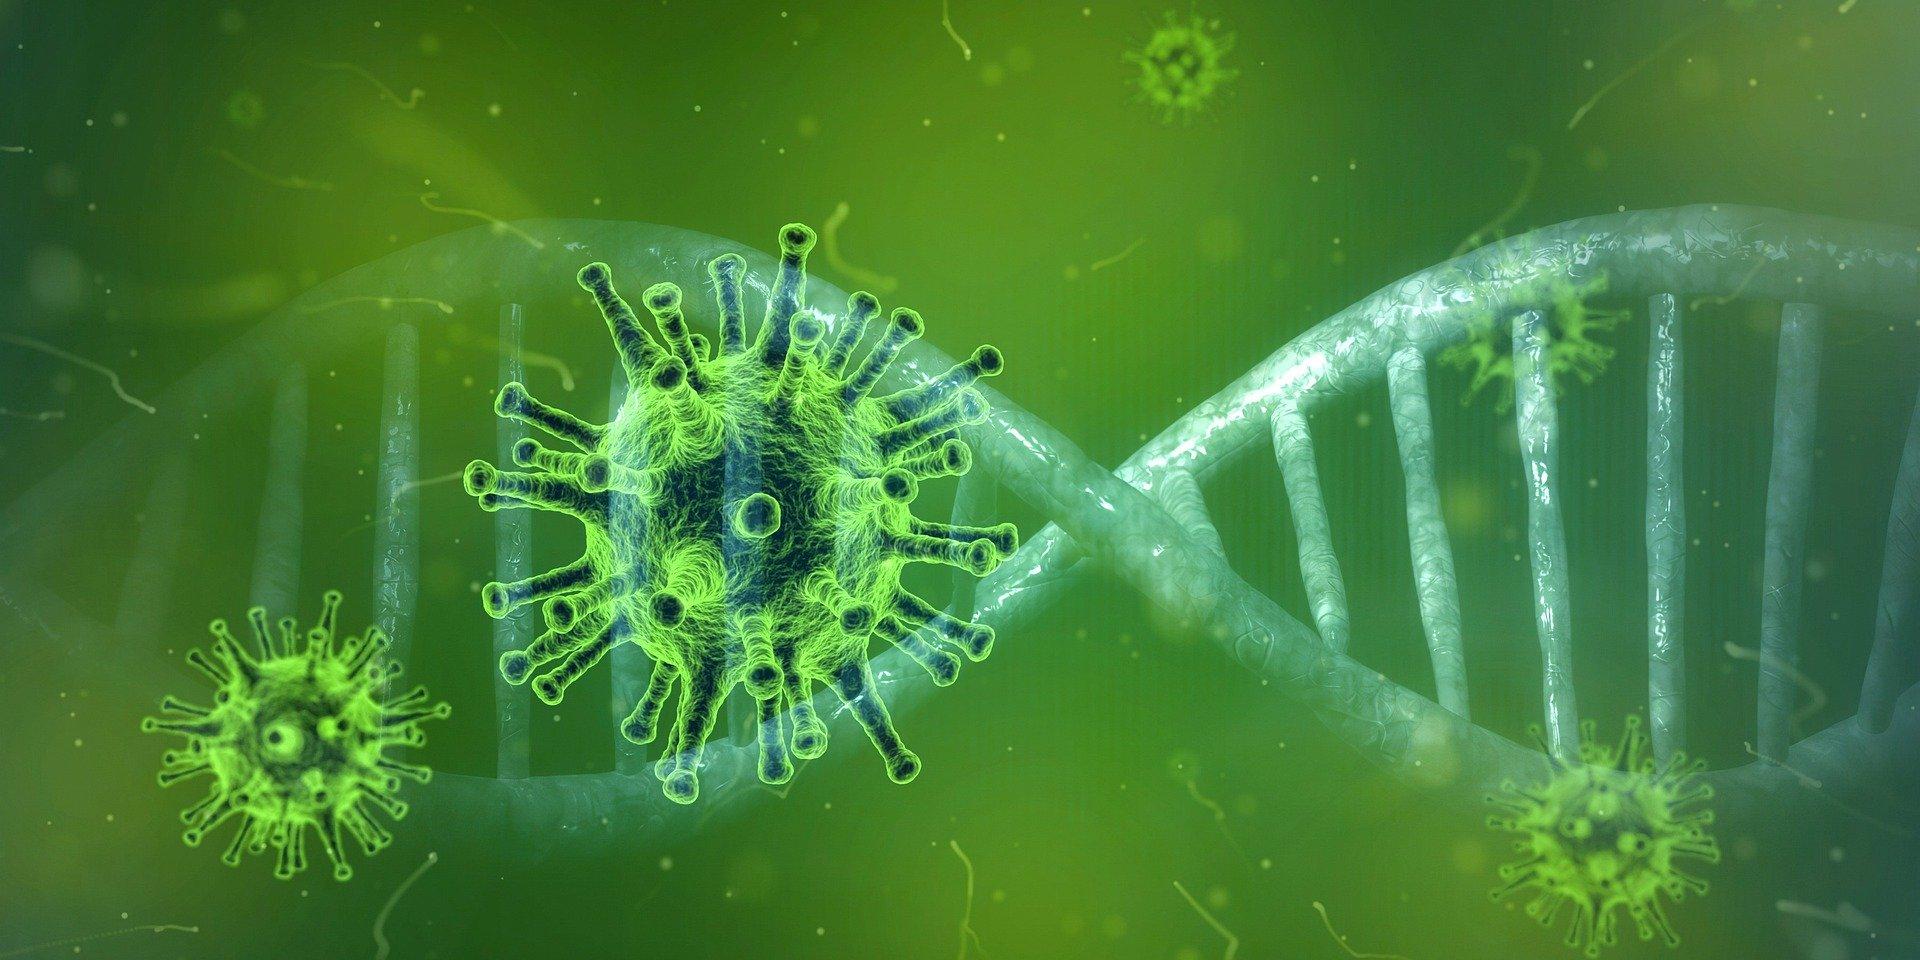 Arbeitsrechtliche Fragen zum Coronavirus